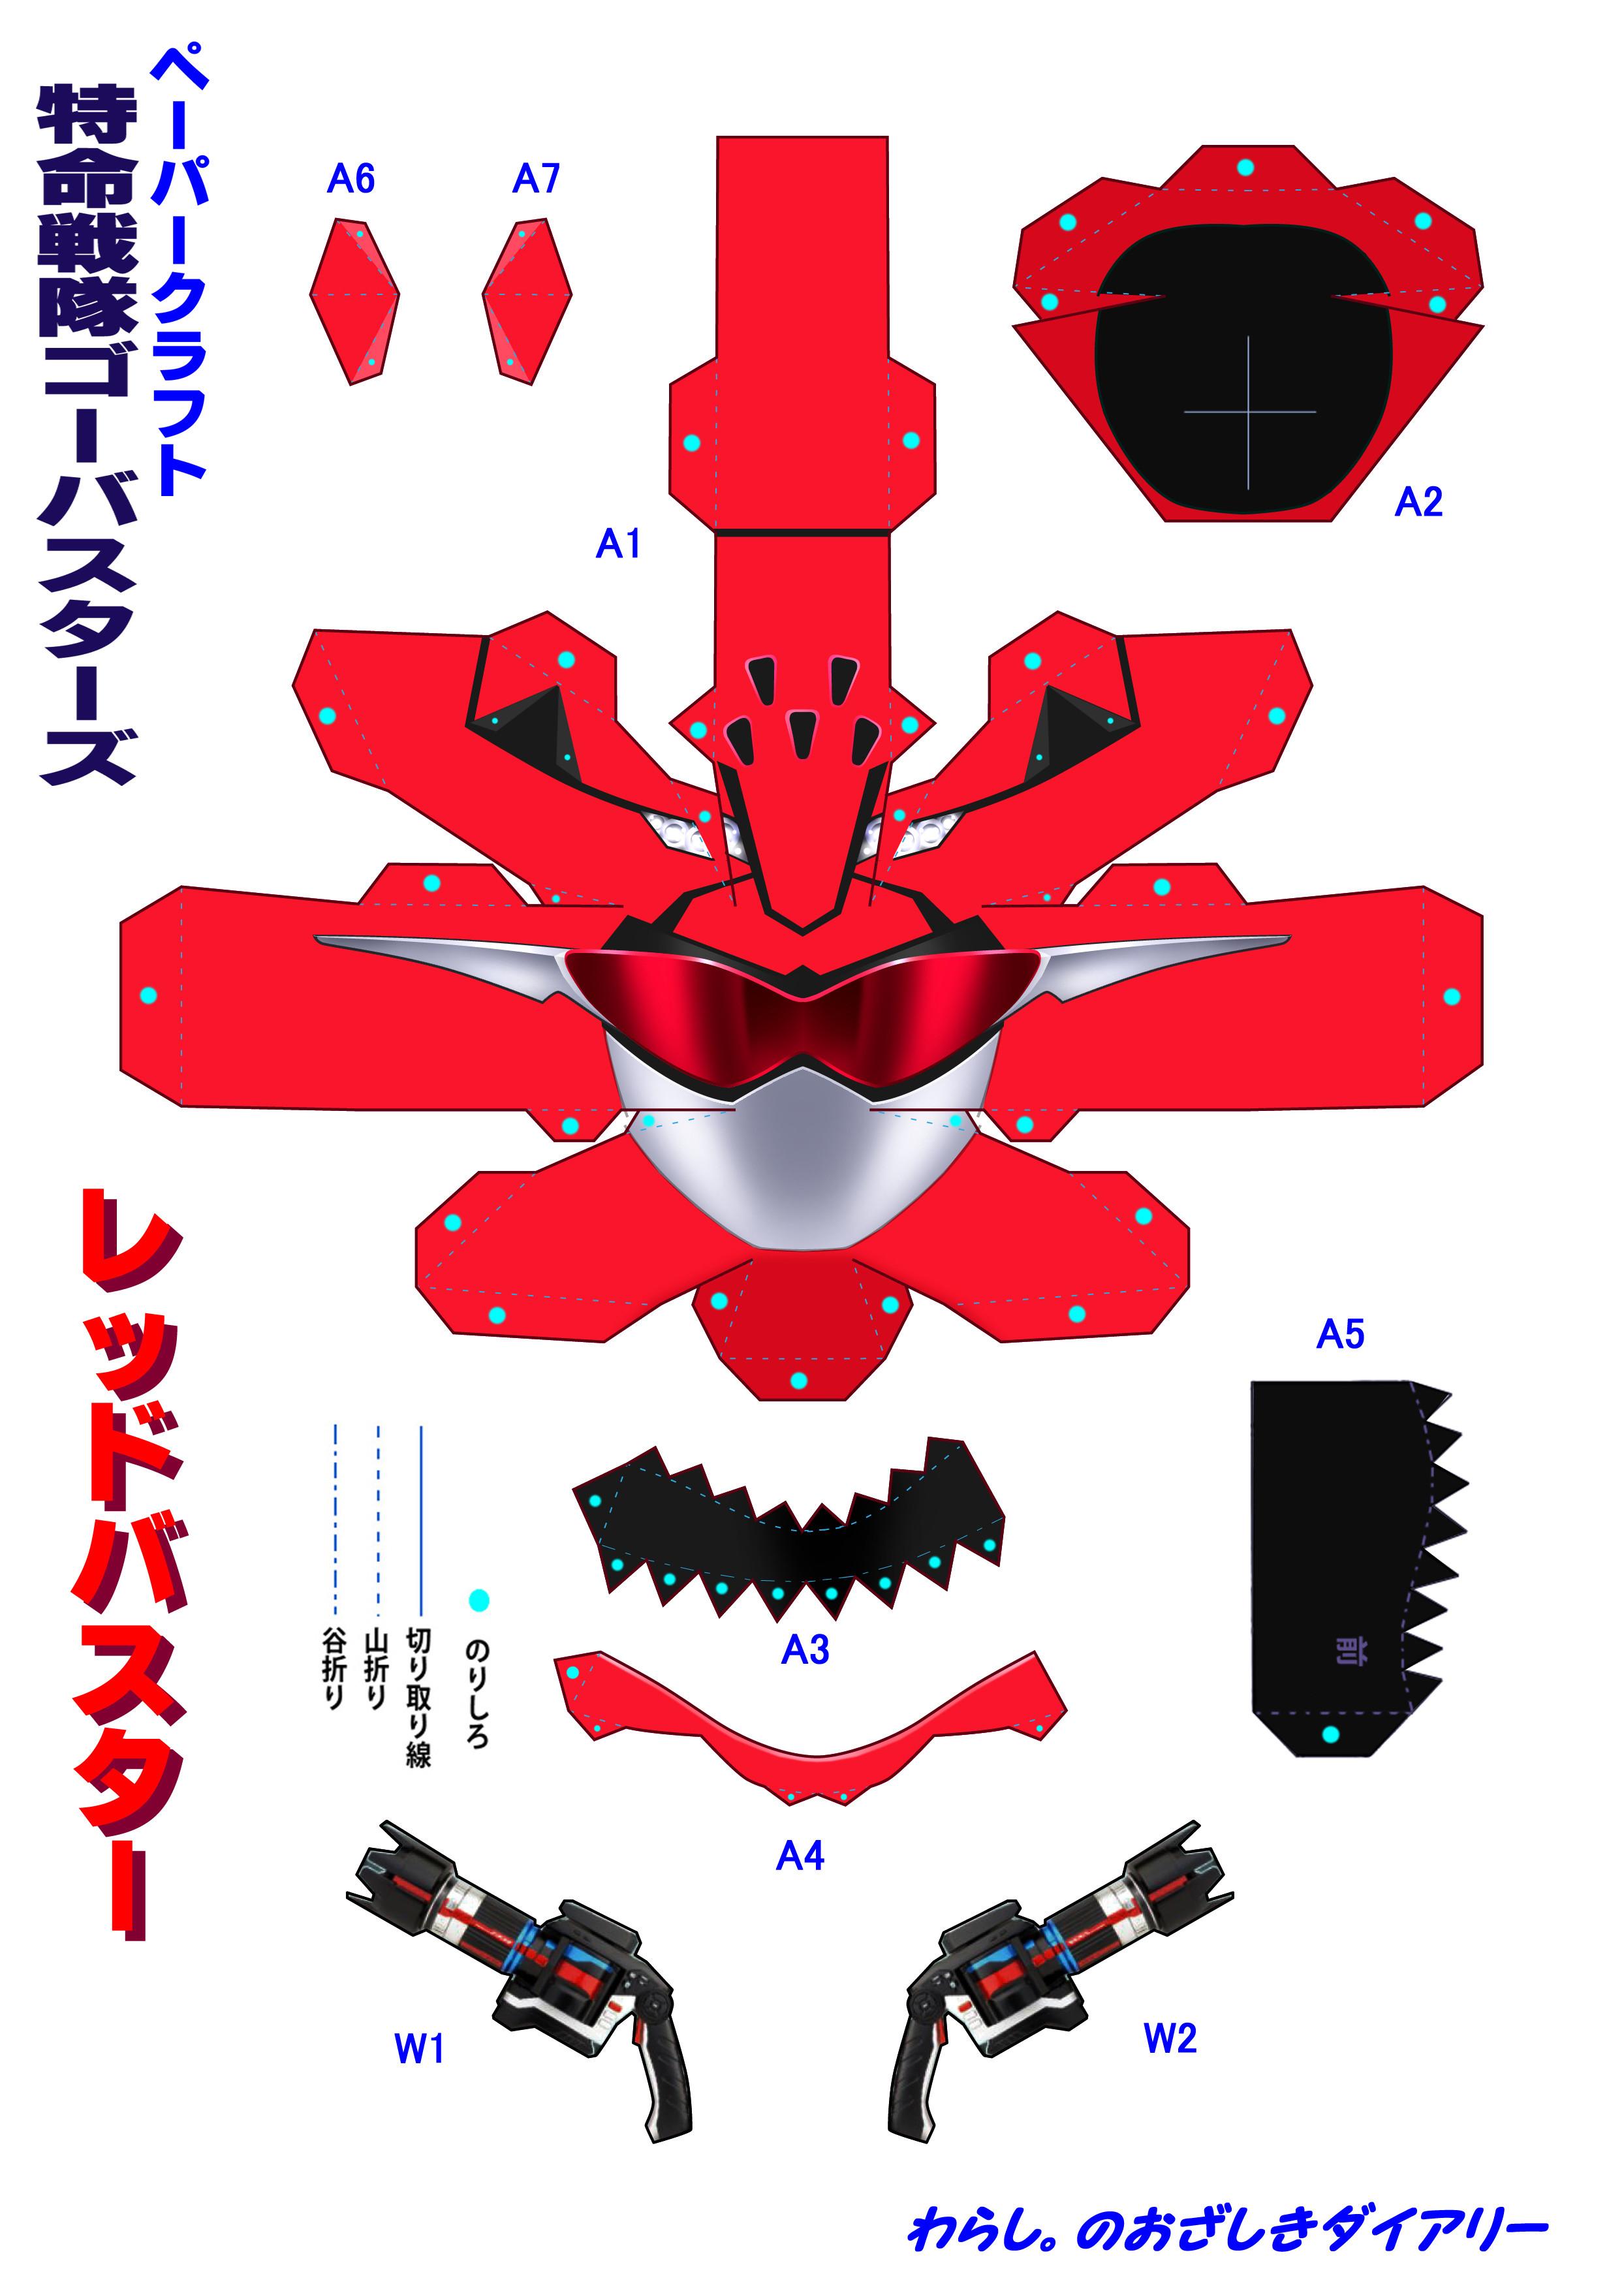 f:id:ozasikiwarasi:20120526183932j:image:w200